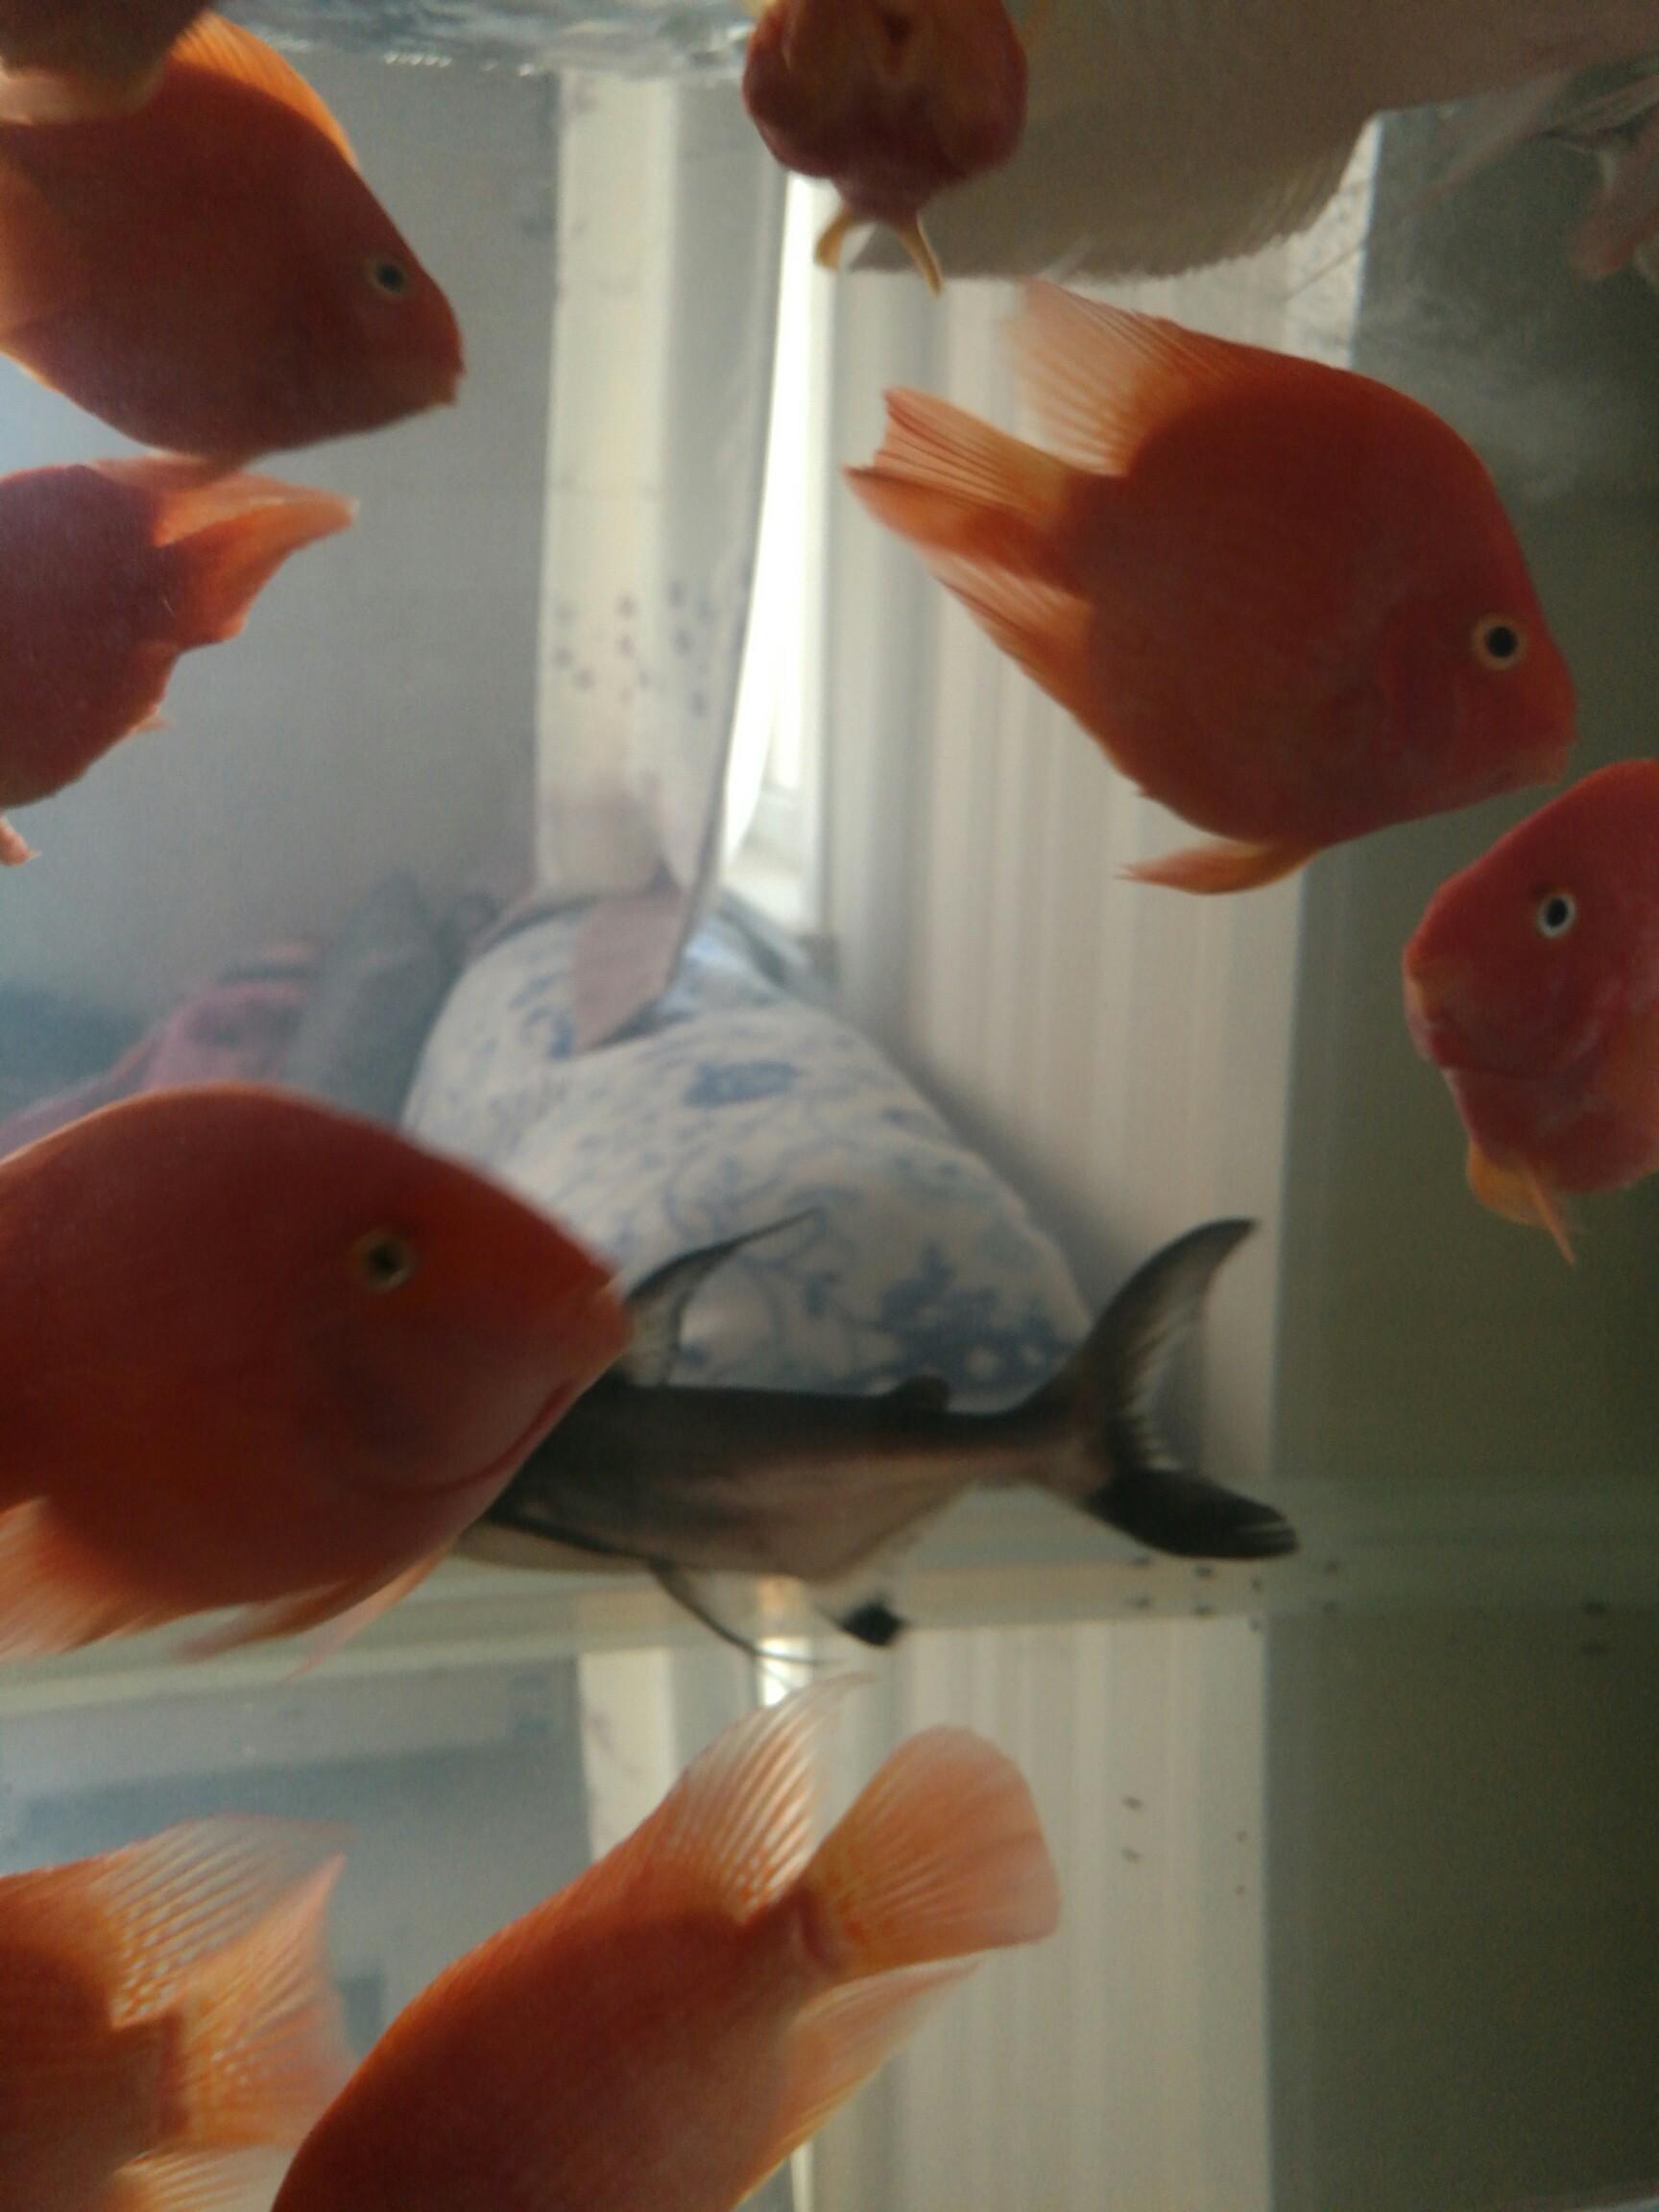 【西安三纹虎】鱼半年 西安龙鱼论坛 西安博特第7张